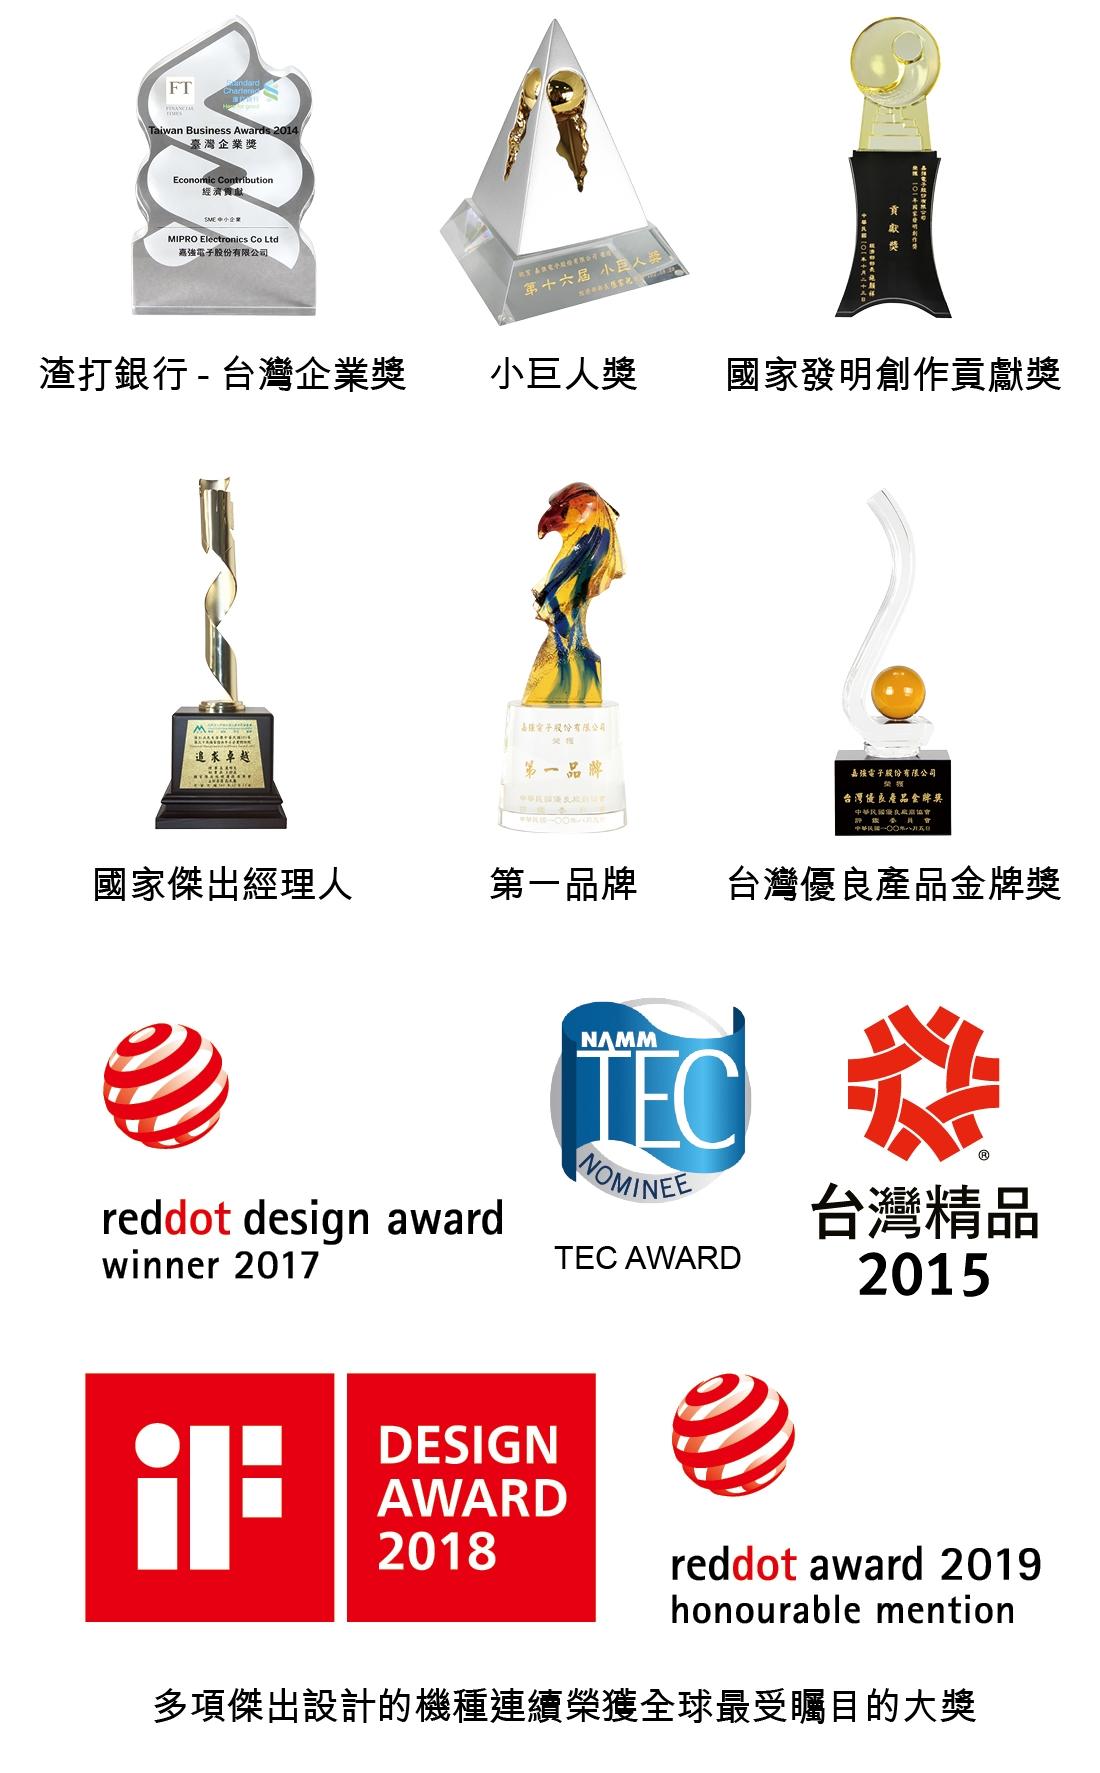 多項傑出設計的機種連續榮獲全球最受矚目的大獎